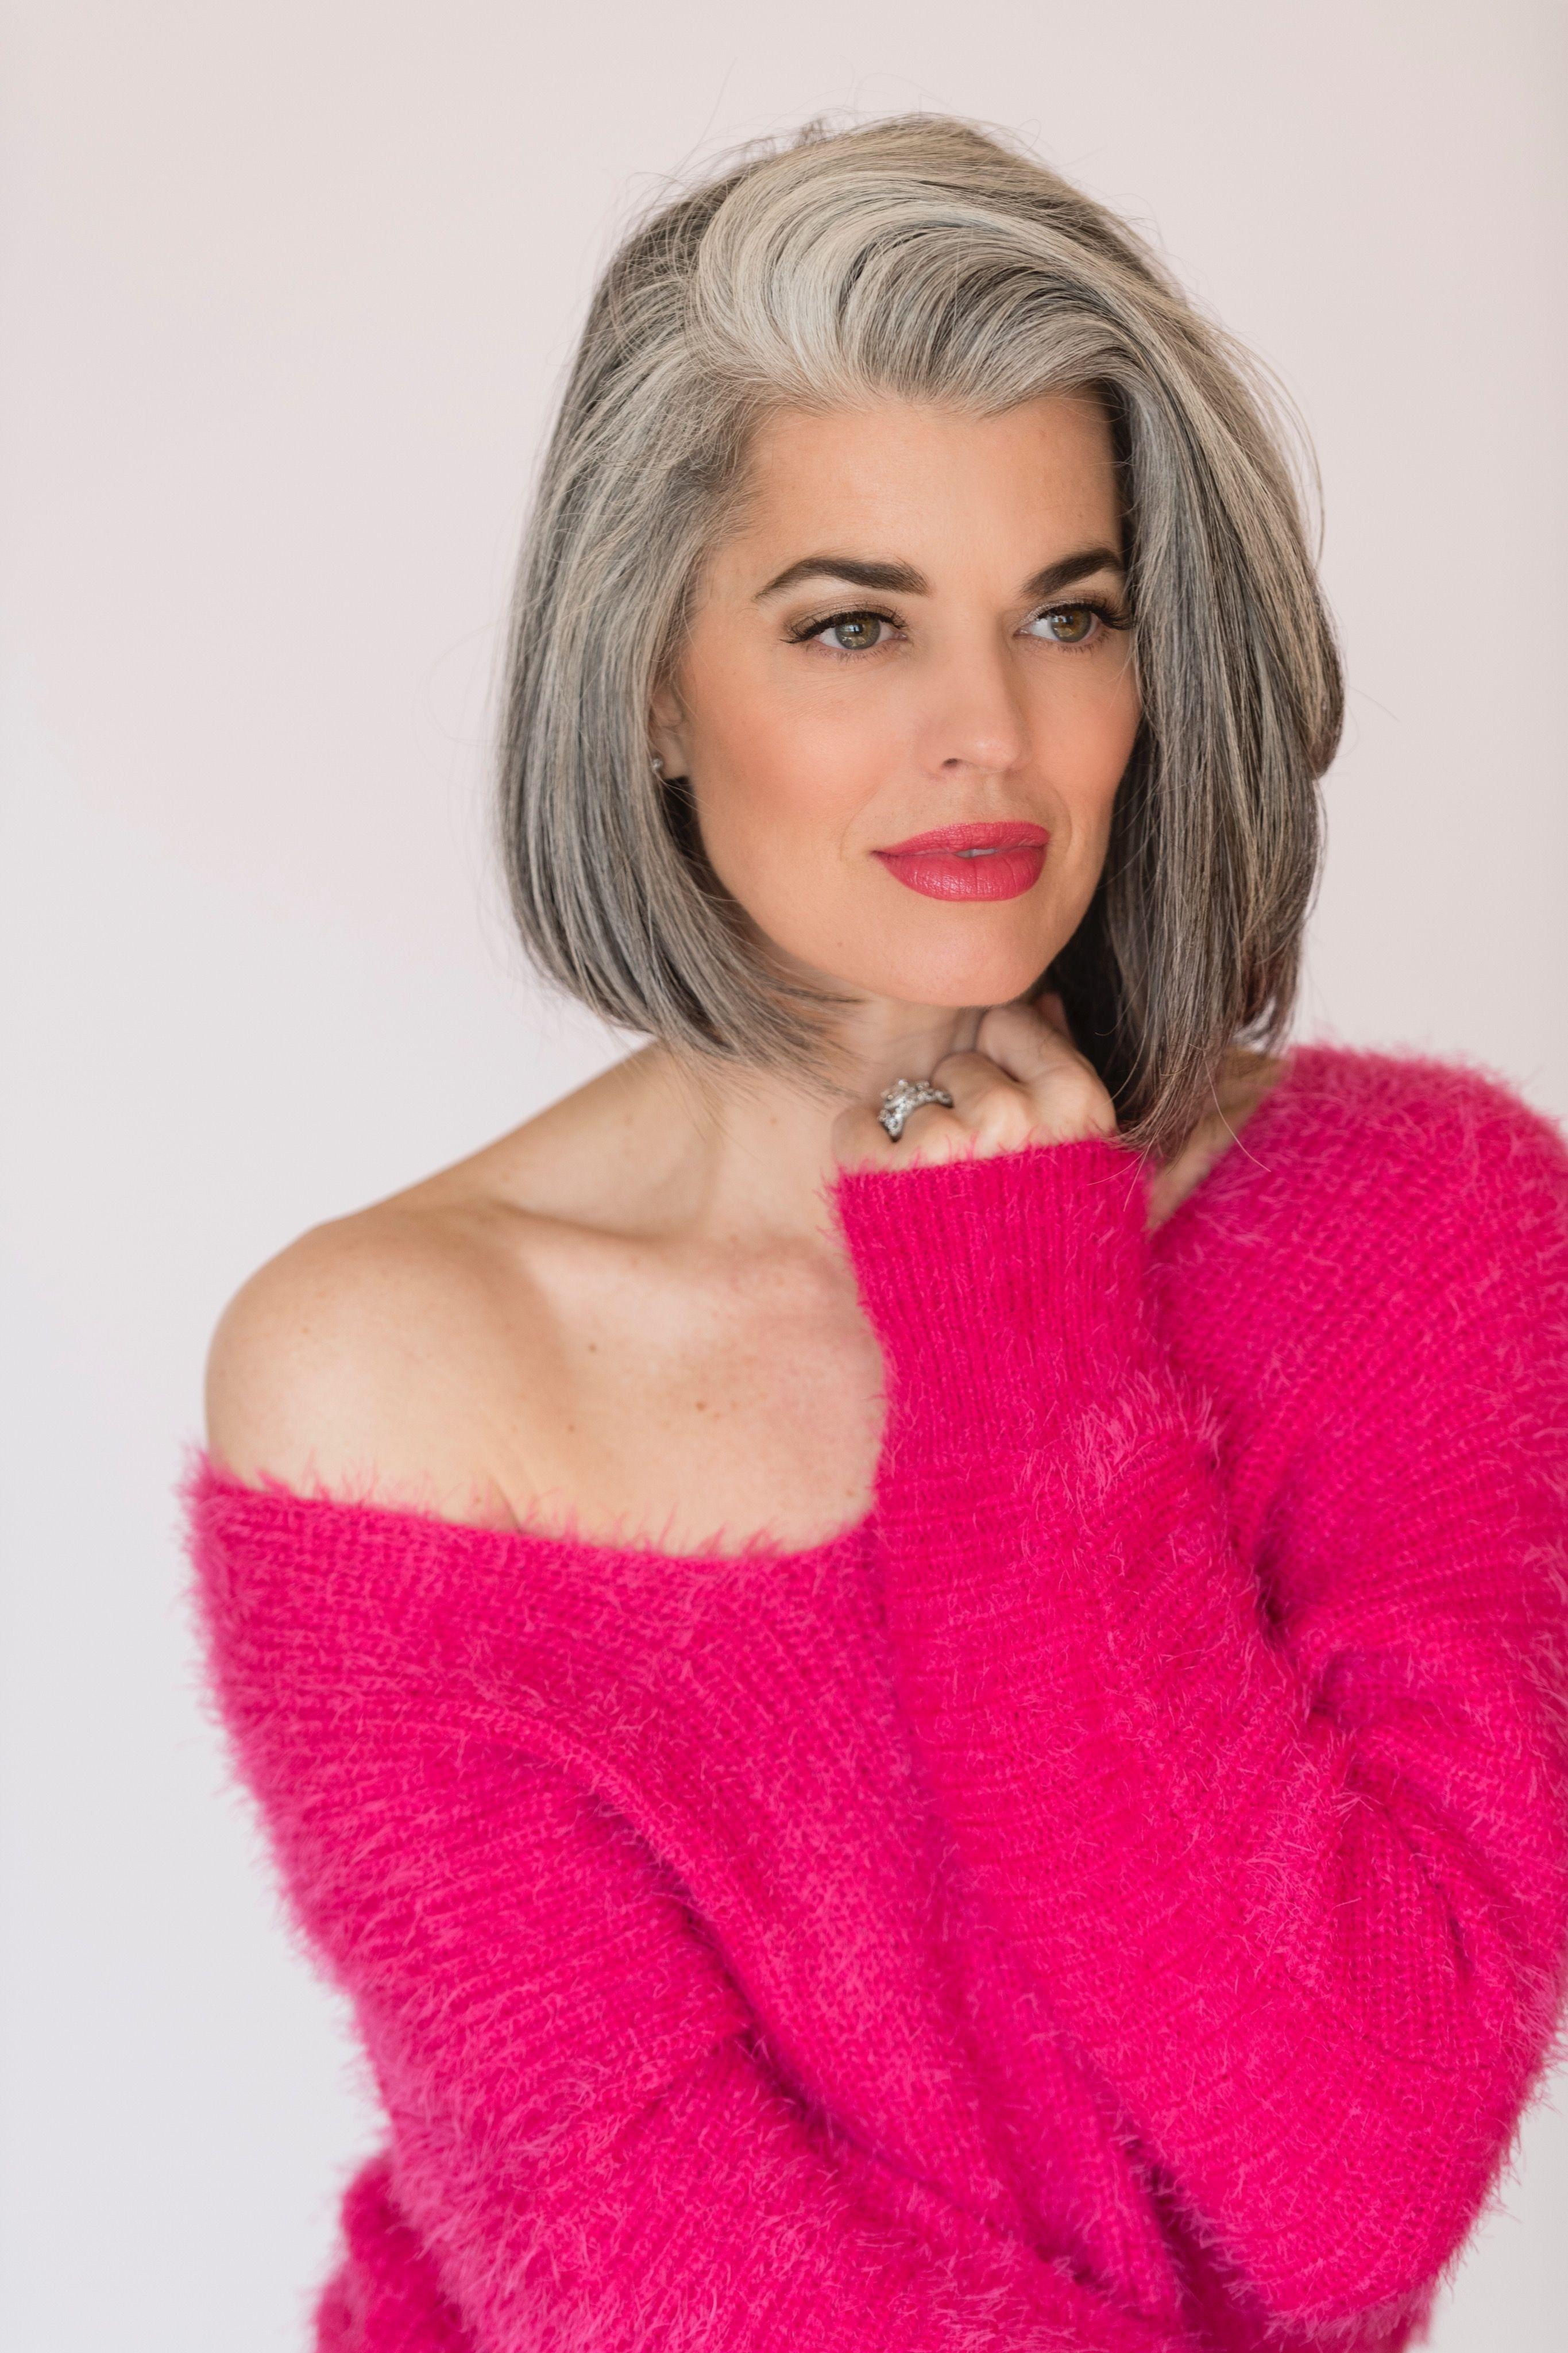 46 The Best Gray Hair Ideas in 2019 gray hair